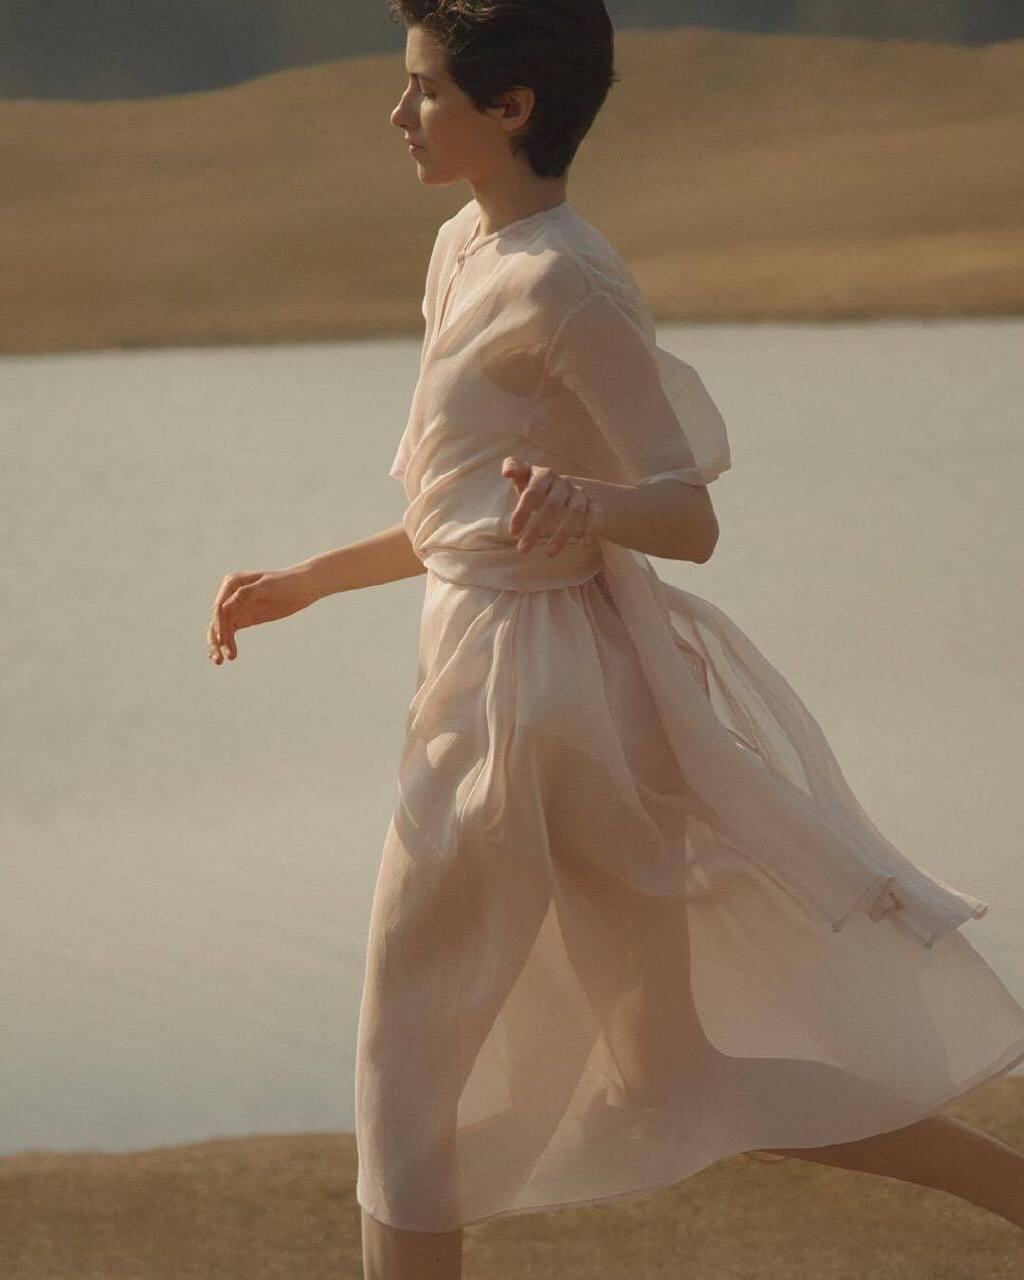 俄罗斯摄影师Anastasia Lisitsyna的人像摄影作品 时尚图库 第1张